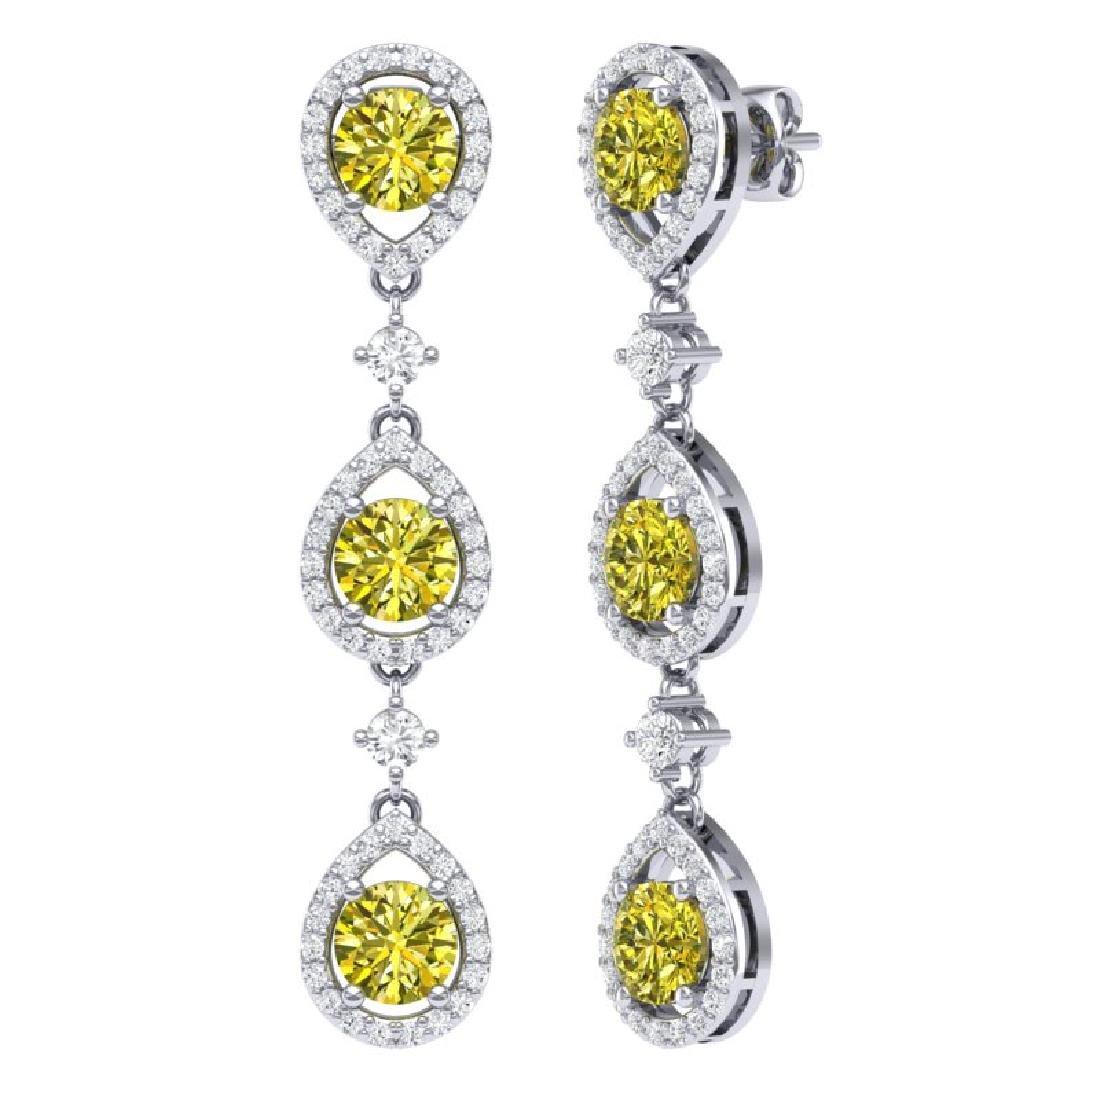 5.11 CTW Fancy Yellow SI Diamond Earrings 18K White - 3